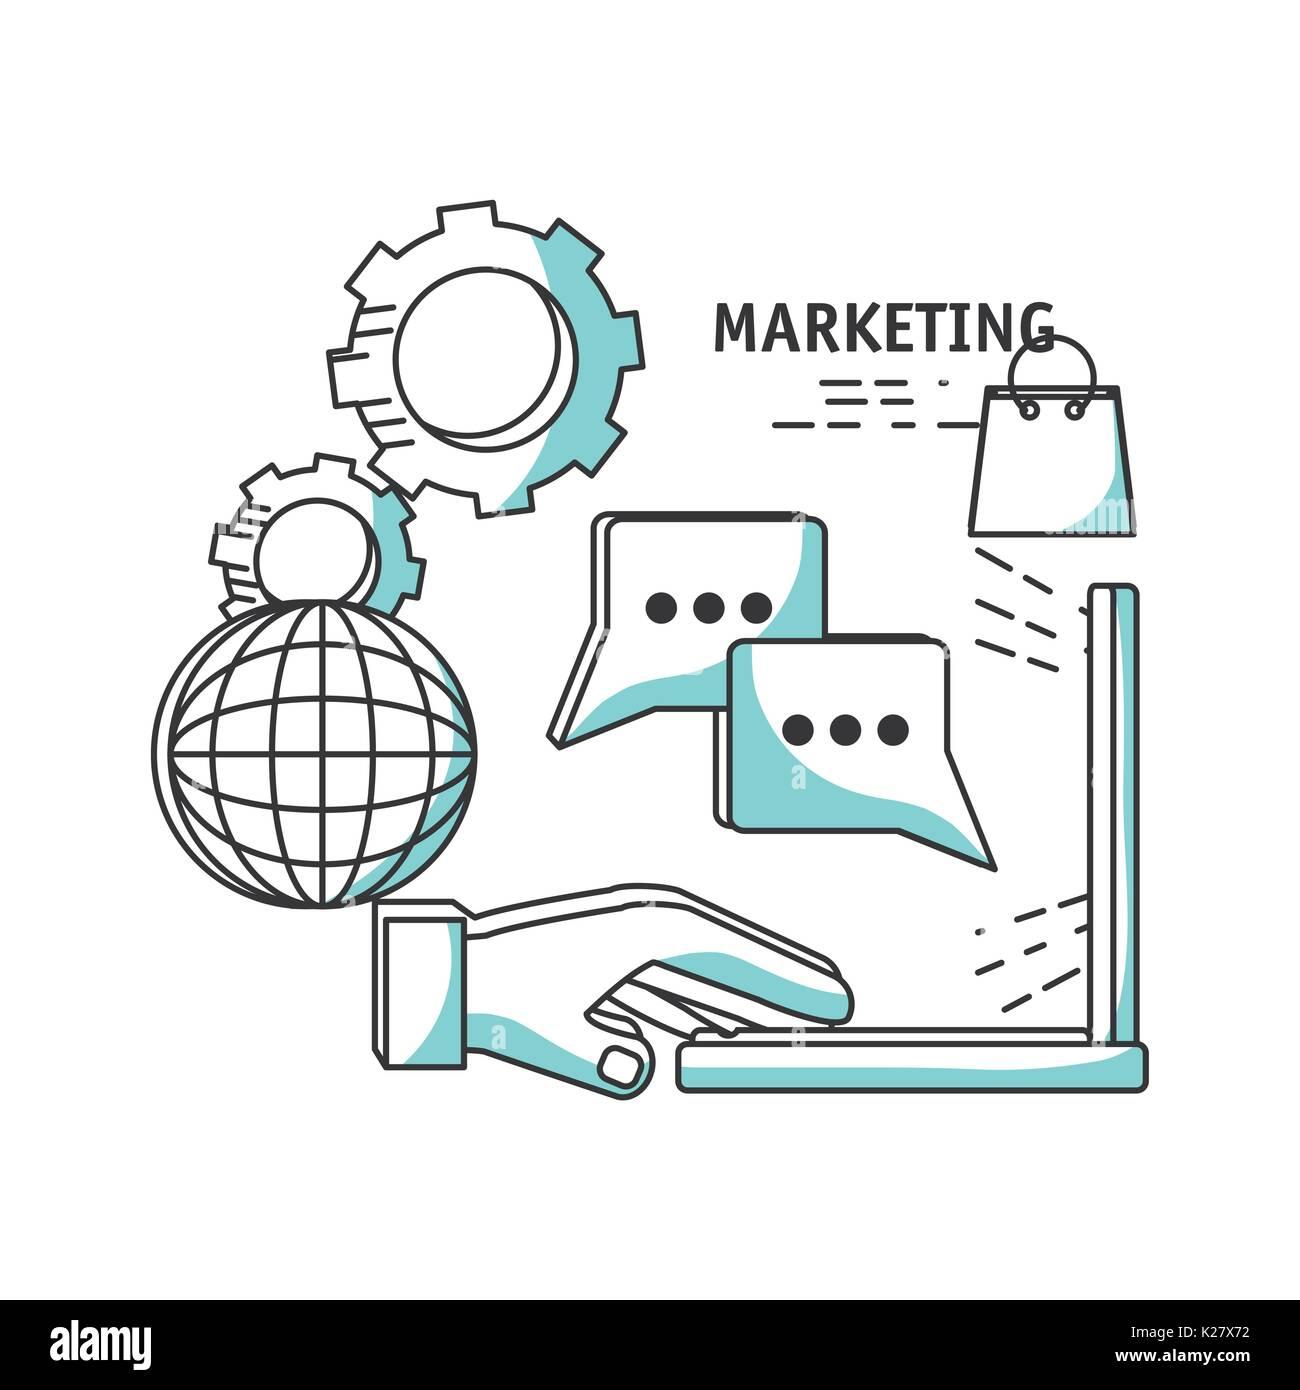 line digital marketing media planning vector illustration - Stock Image